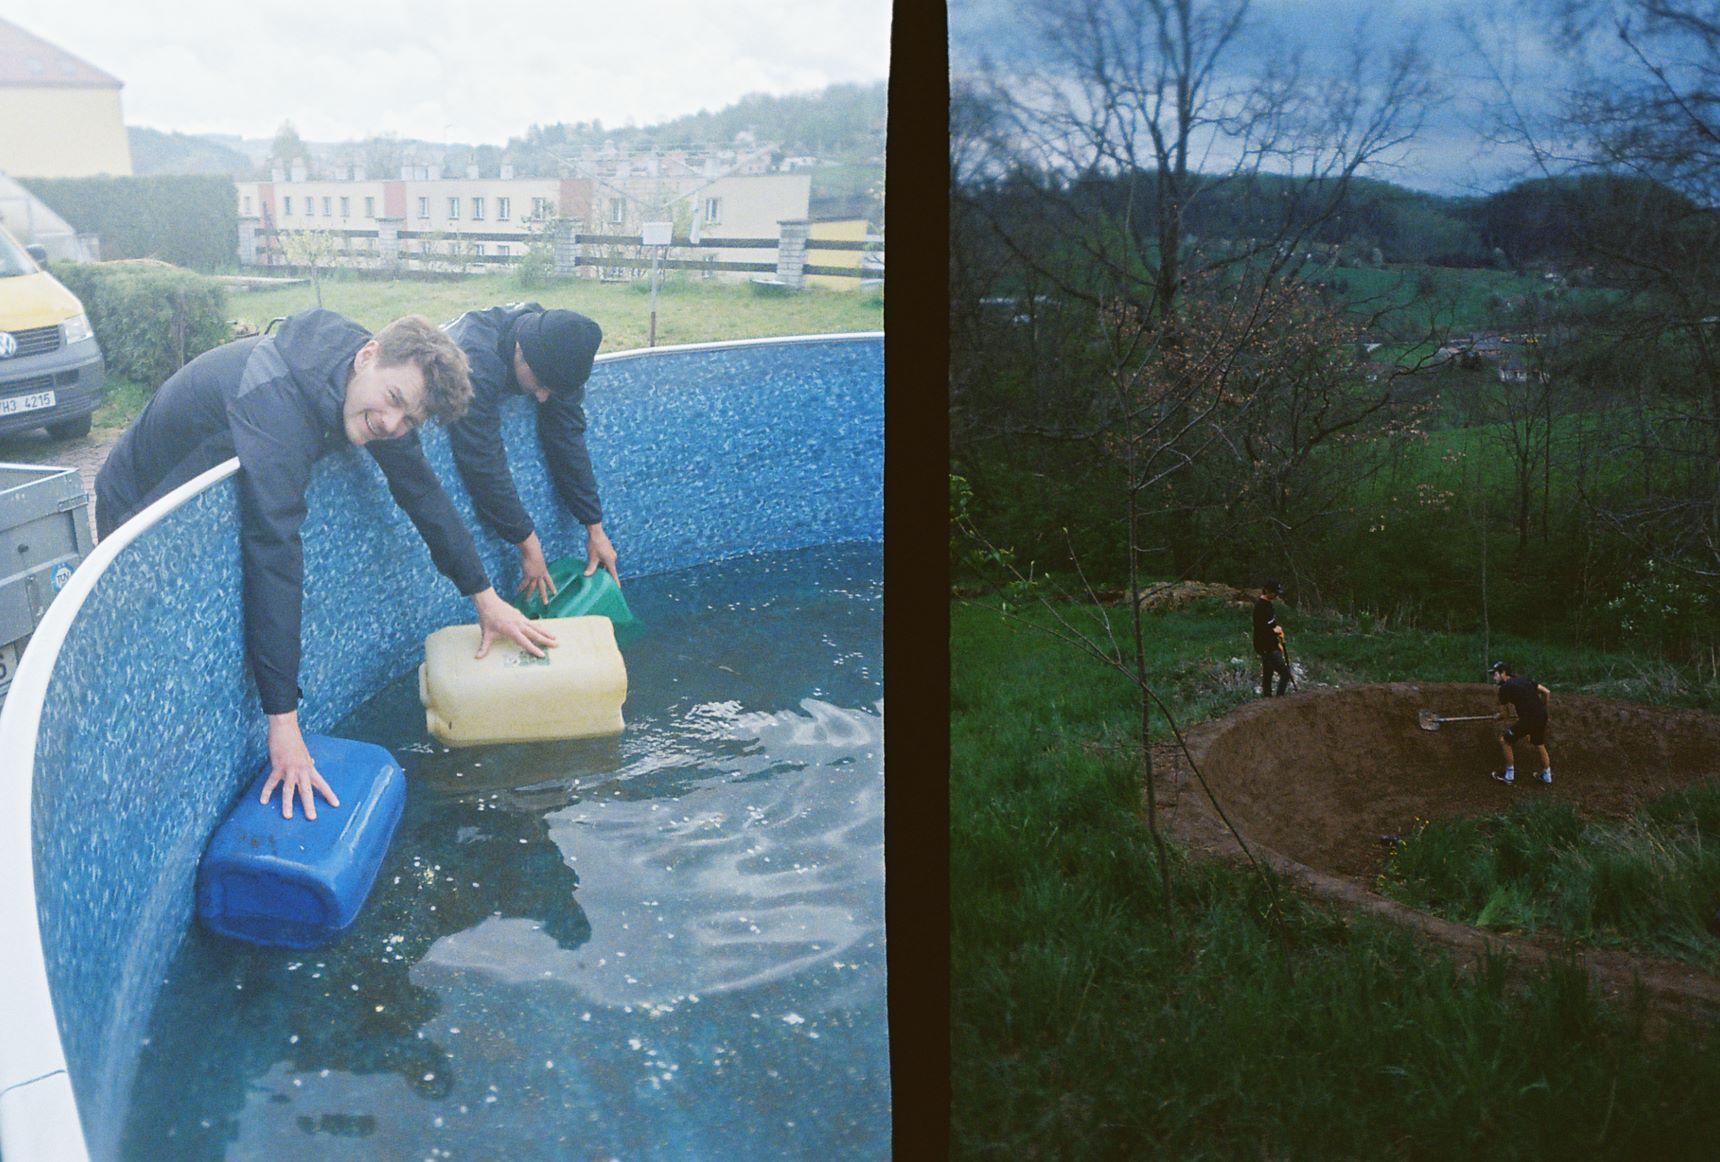 049_akce navoz co nejvíc vody na spot před nejvíc prochcanym víkendem